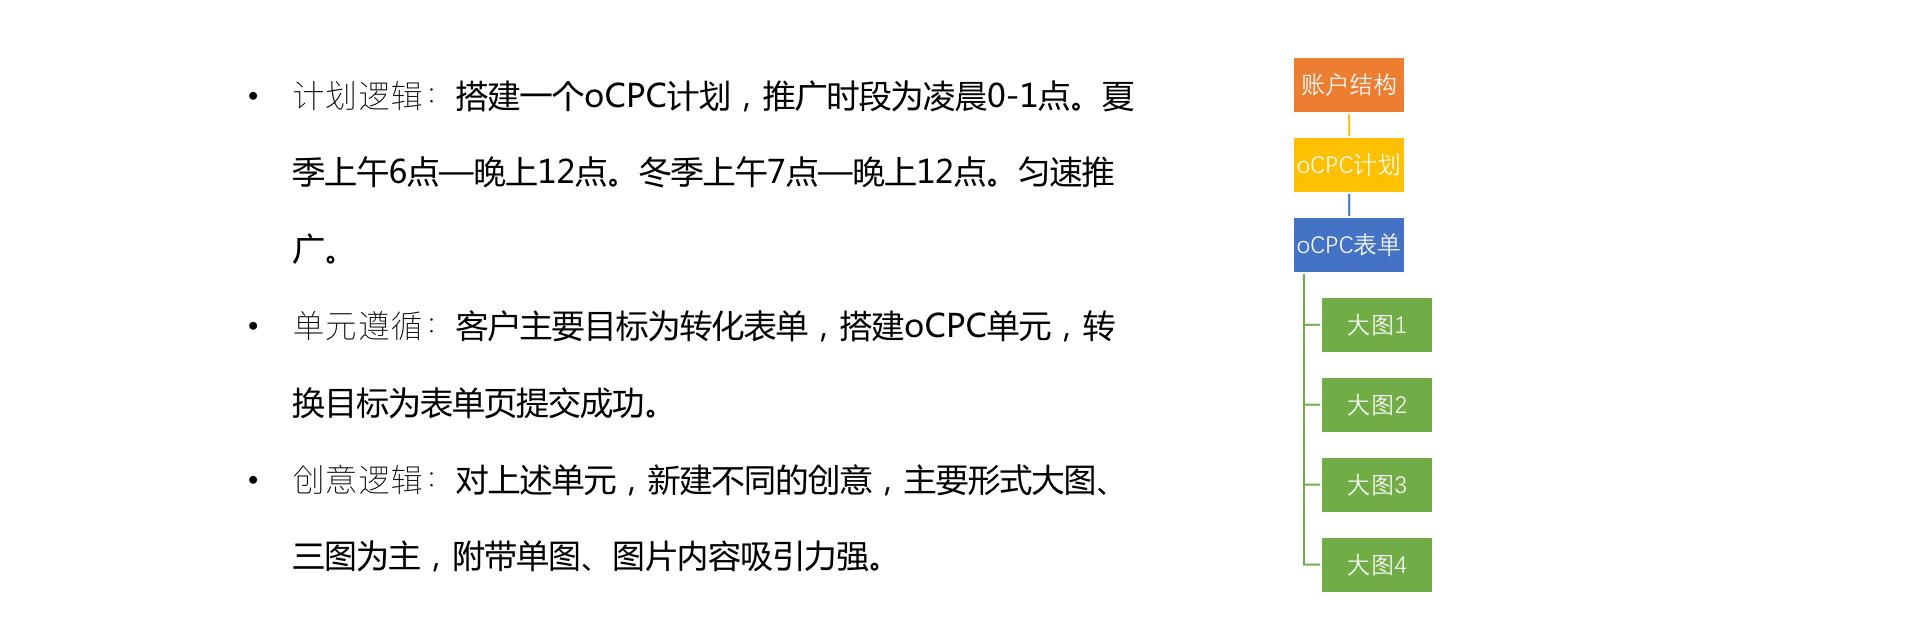 26-百享-信息流案例-湖南亚钛-湖南竞网-杨志成.jpg